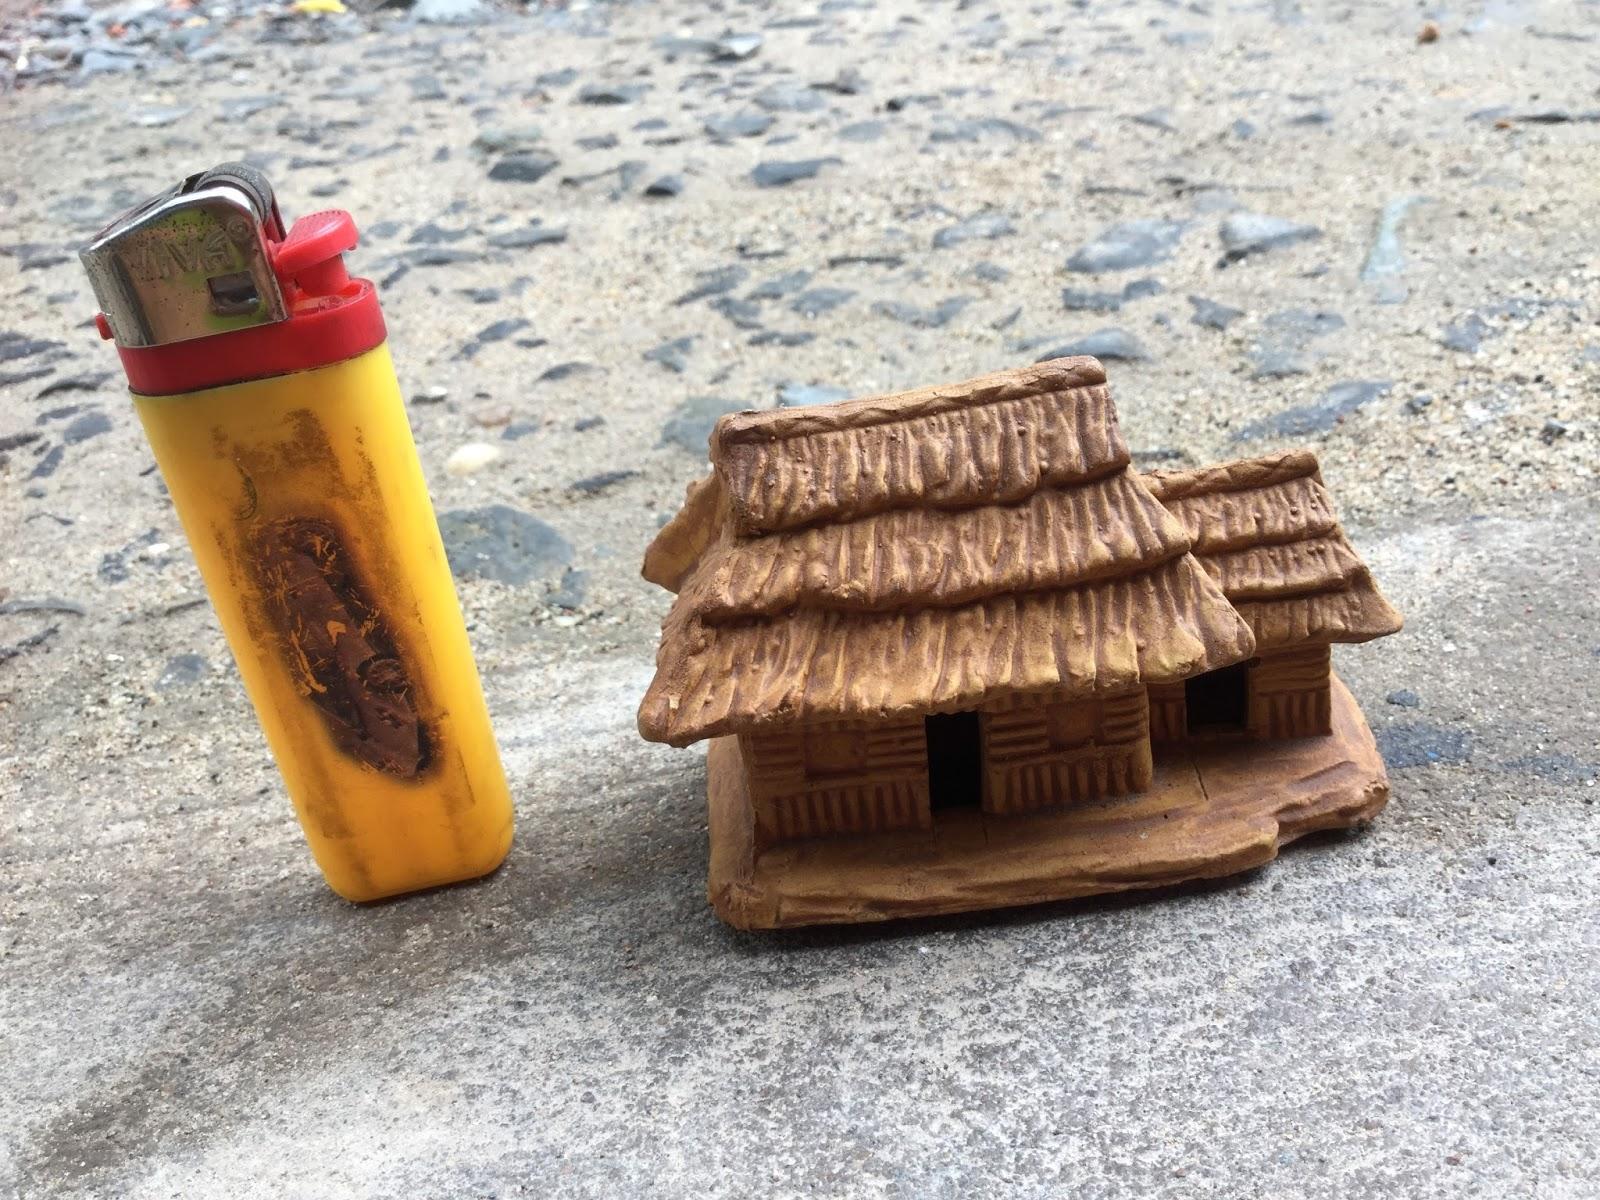 ngôi nhà nhỏ trang trí hồ thủy sinh